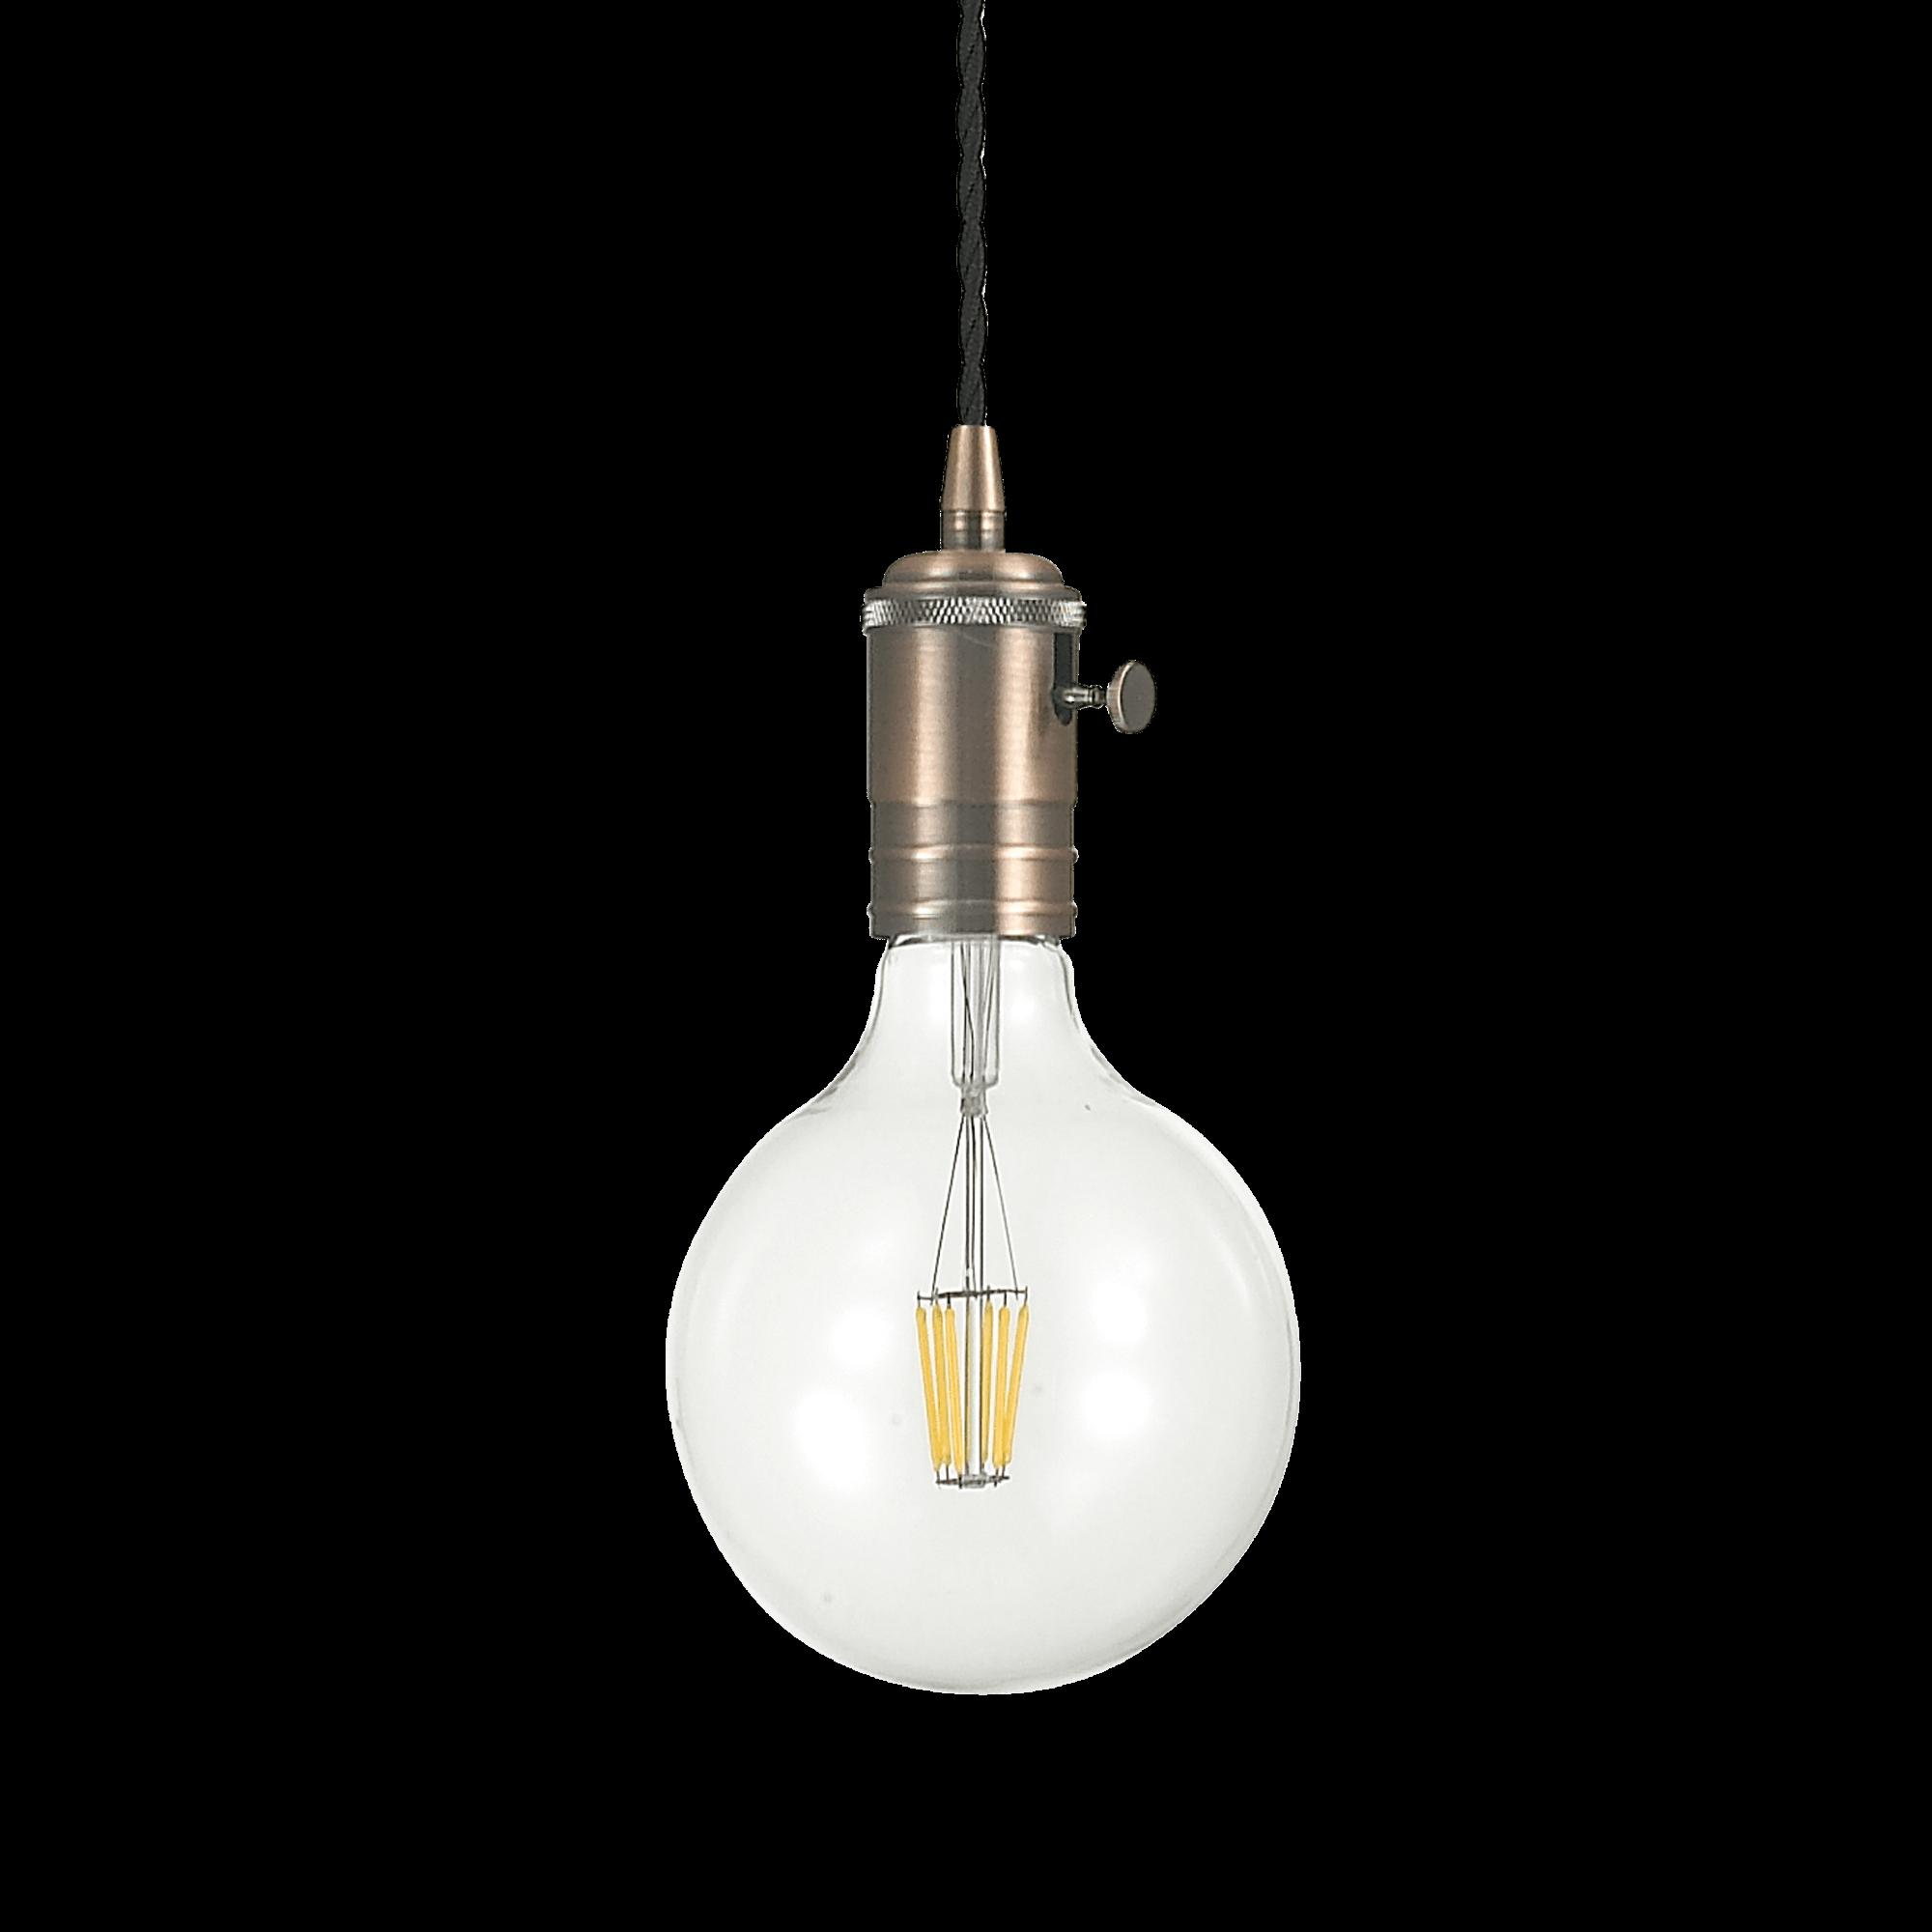 Ideal Lux 163123 DOC SP1 RAME ANTICO függeszték